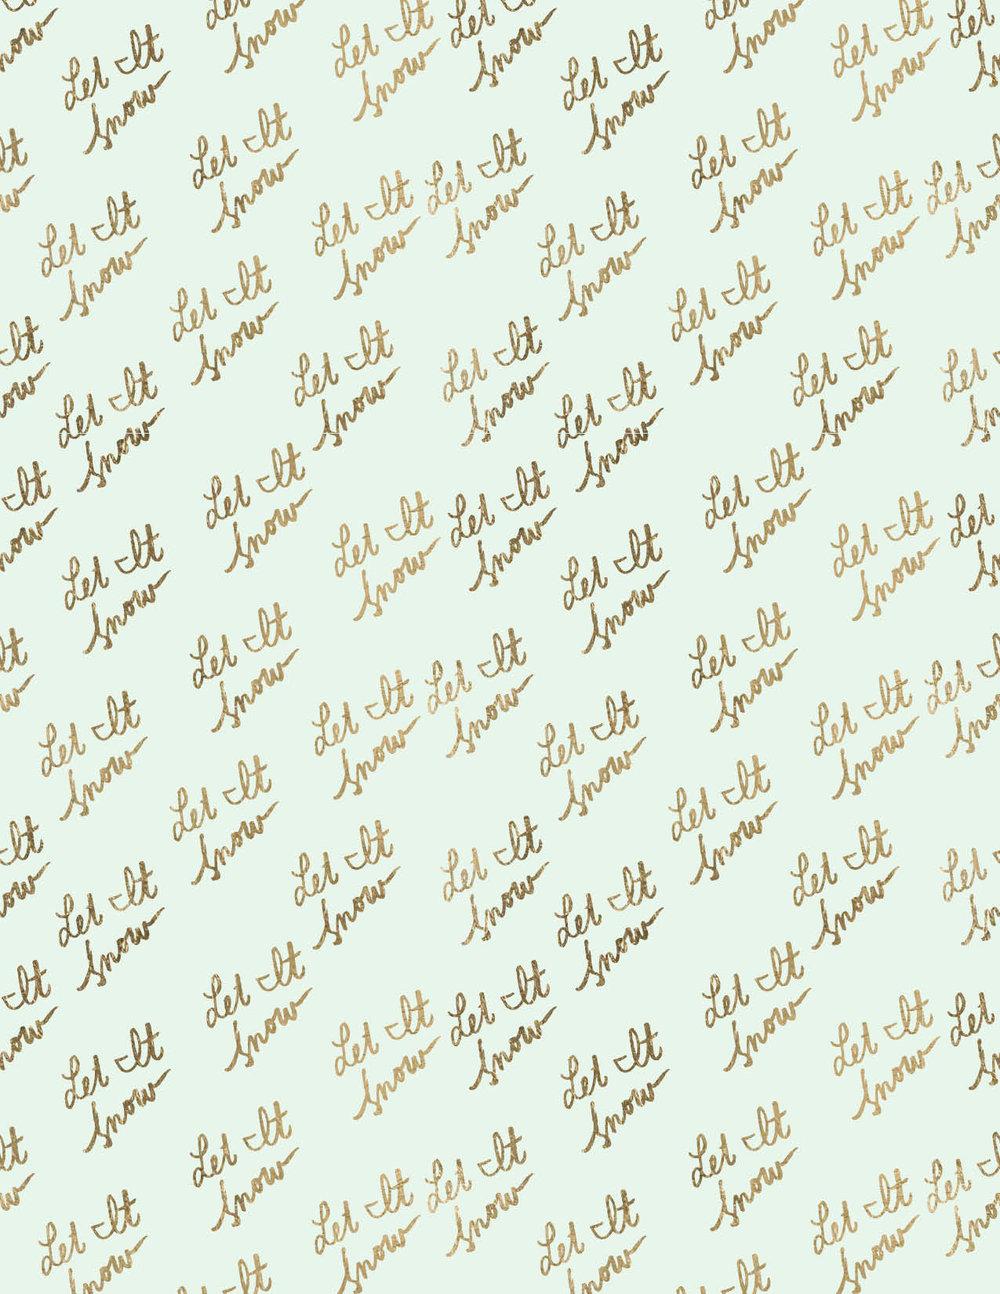 jessbruggink_pattern_355.jpg